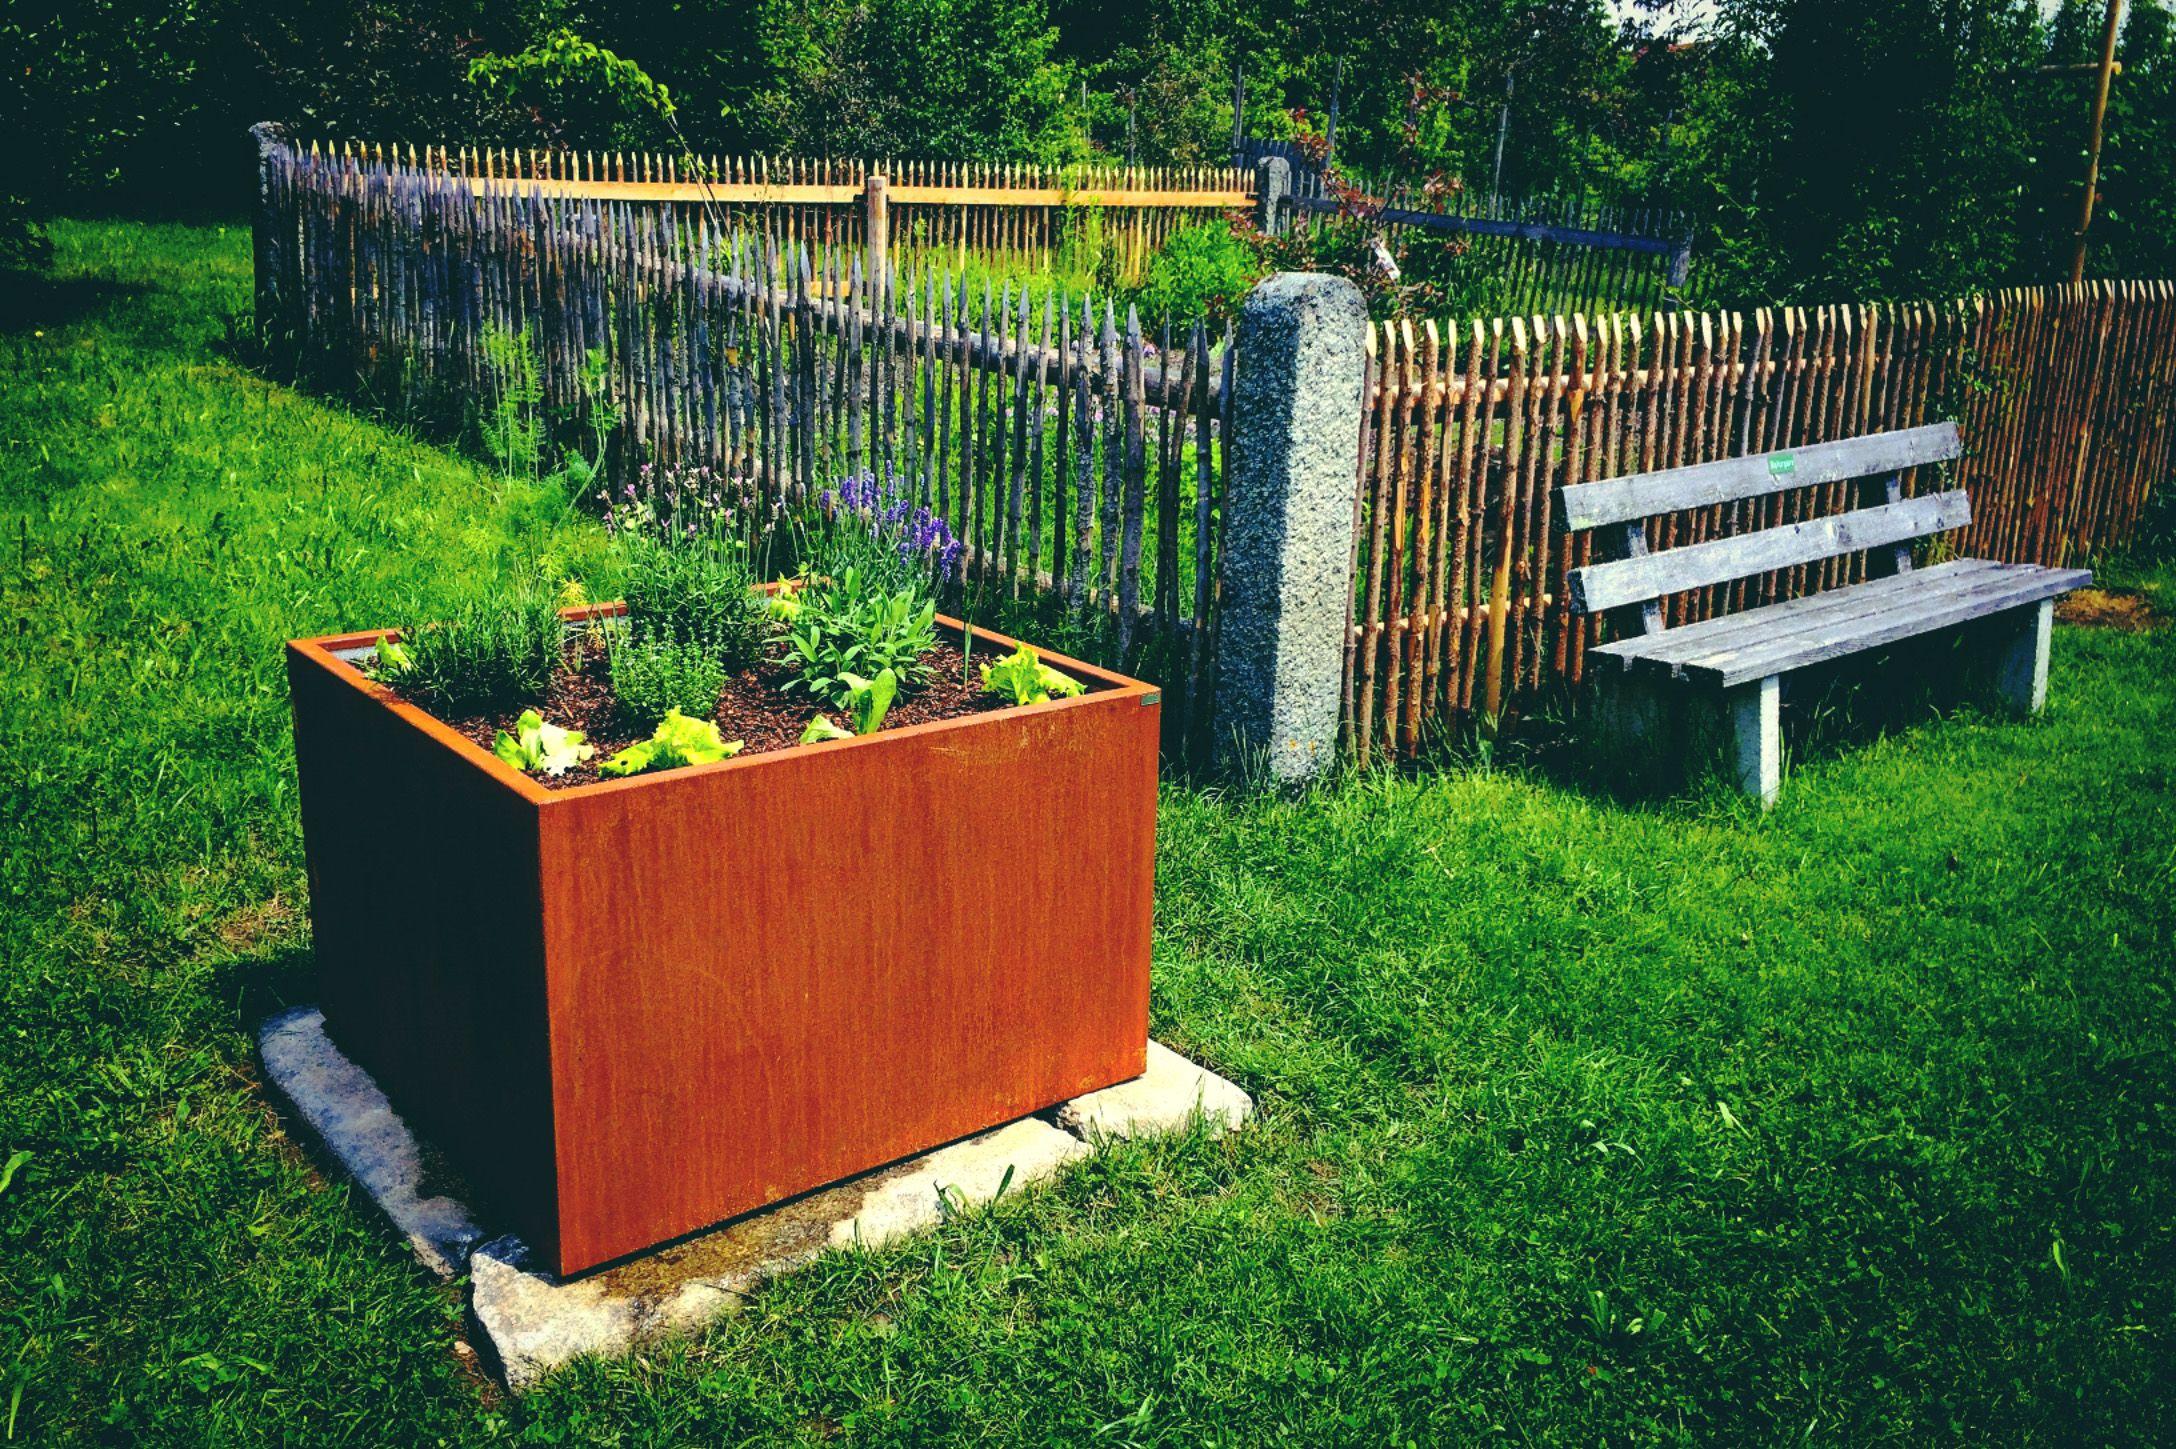 Garten Idee Hochbeet Aus Edelrost Rost Stahl Cortenstahl Hochbeet Cortenstahl Haus Und Garten